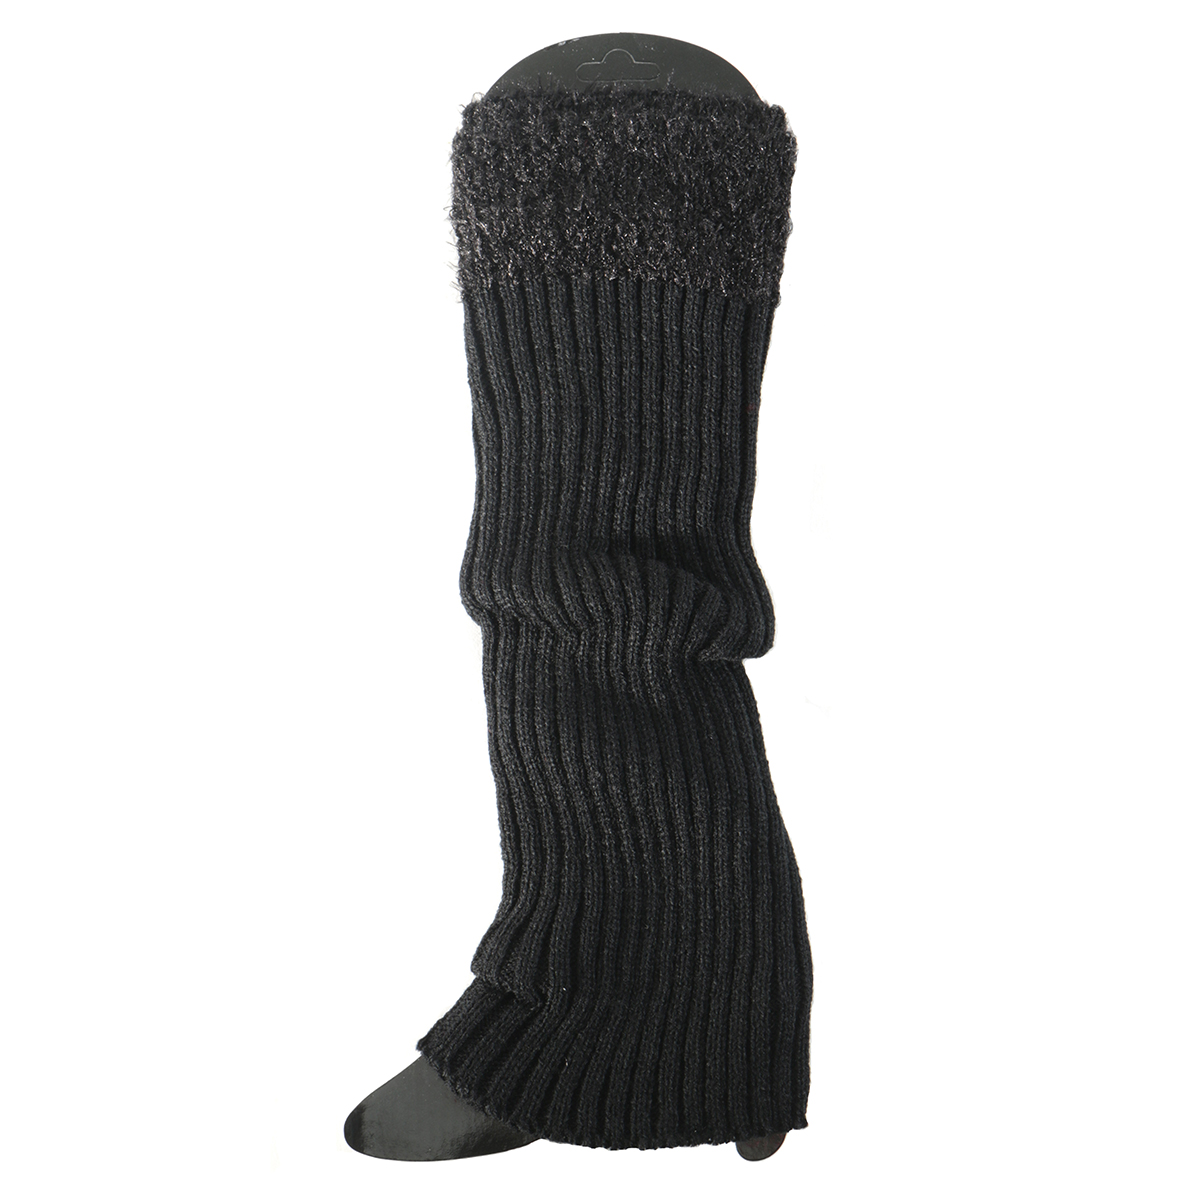 Black Boot Cuff Tall